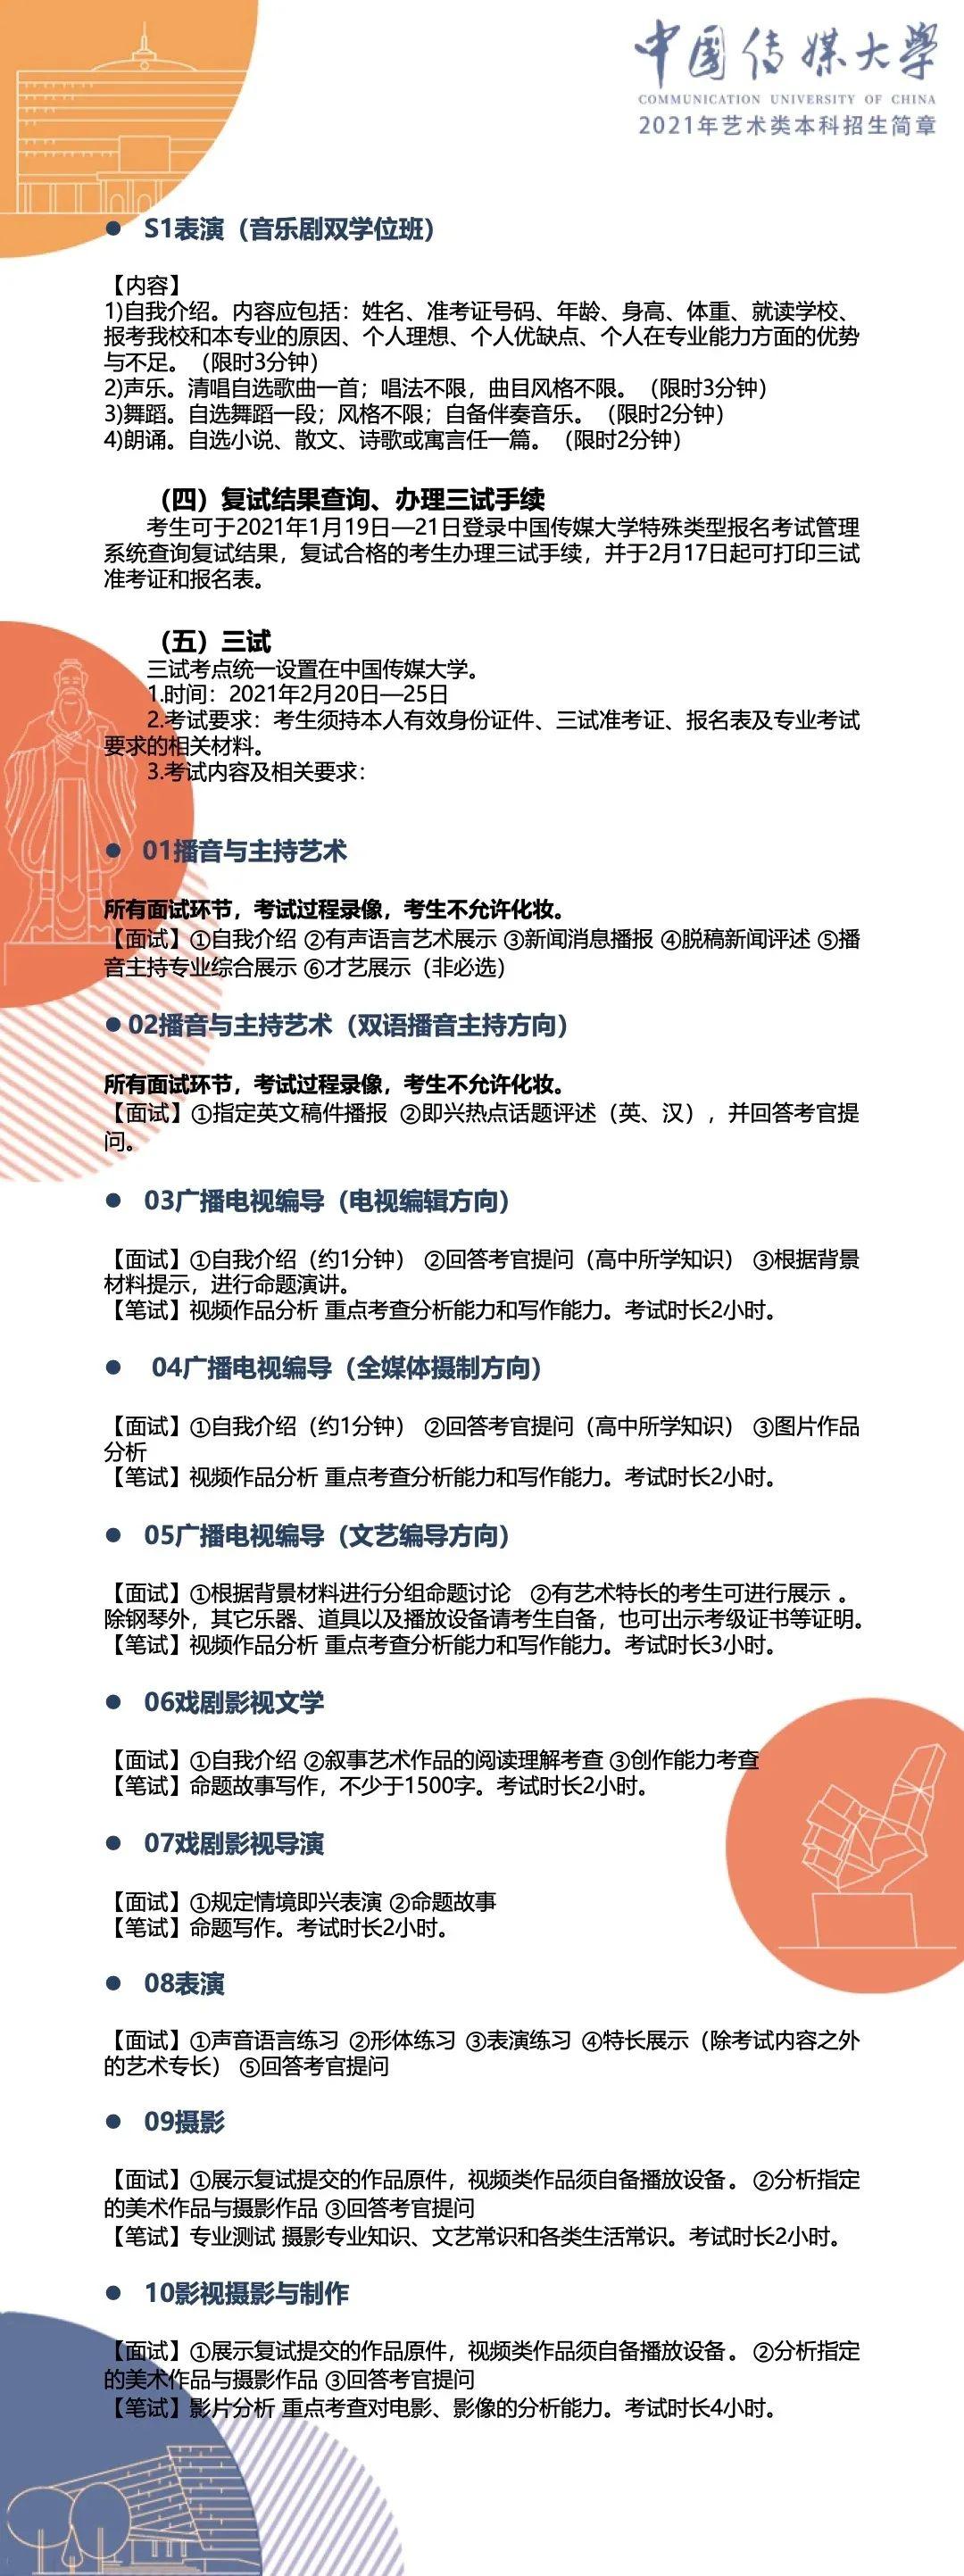 北京好的画室 针对中传的画室